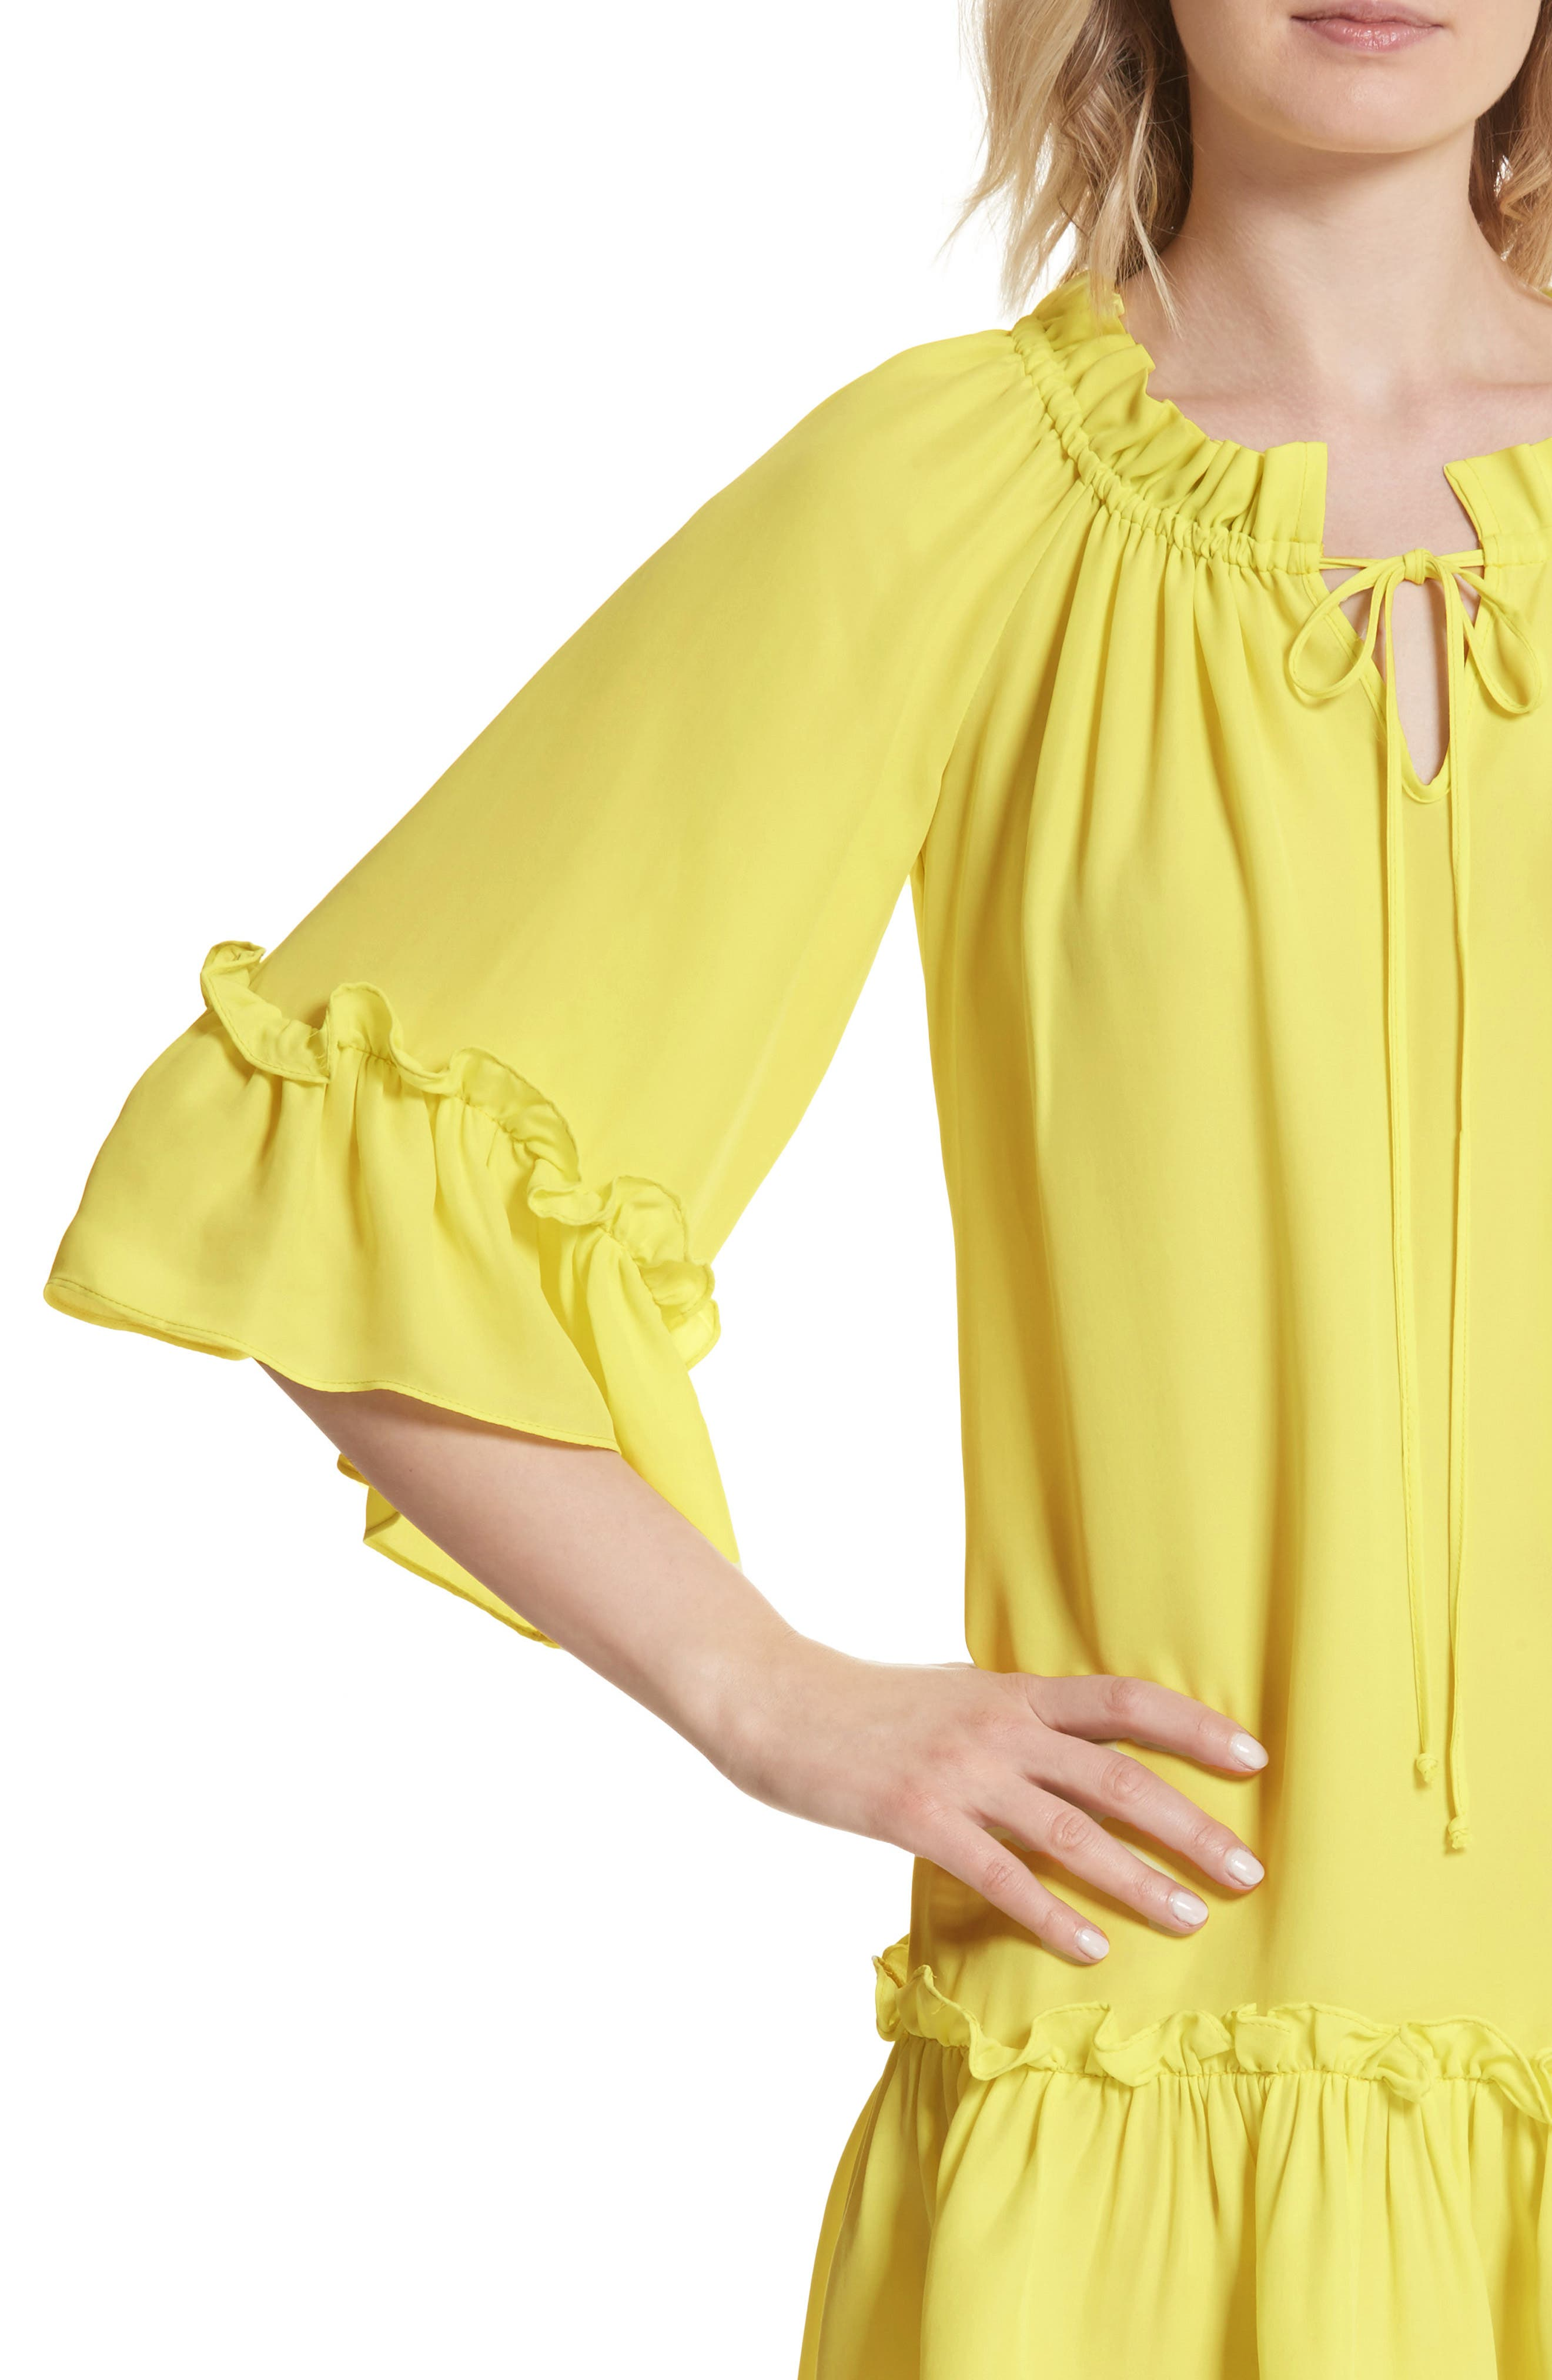 Santorini Ruffle Mini Dress,                             Alternate thumbnail 4, color,                             750